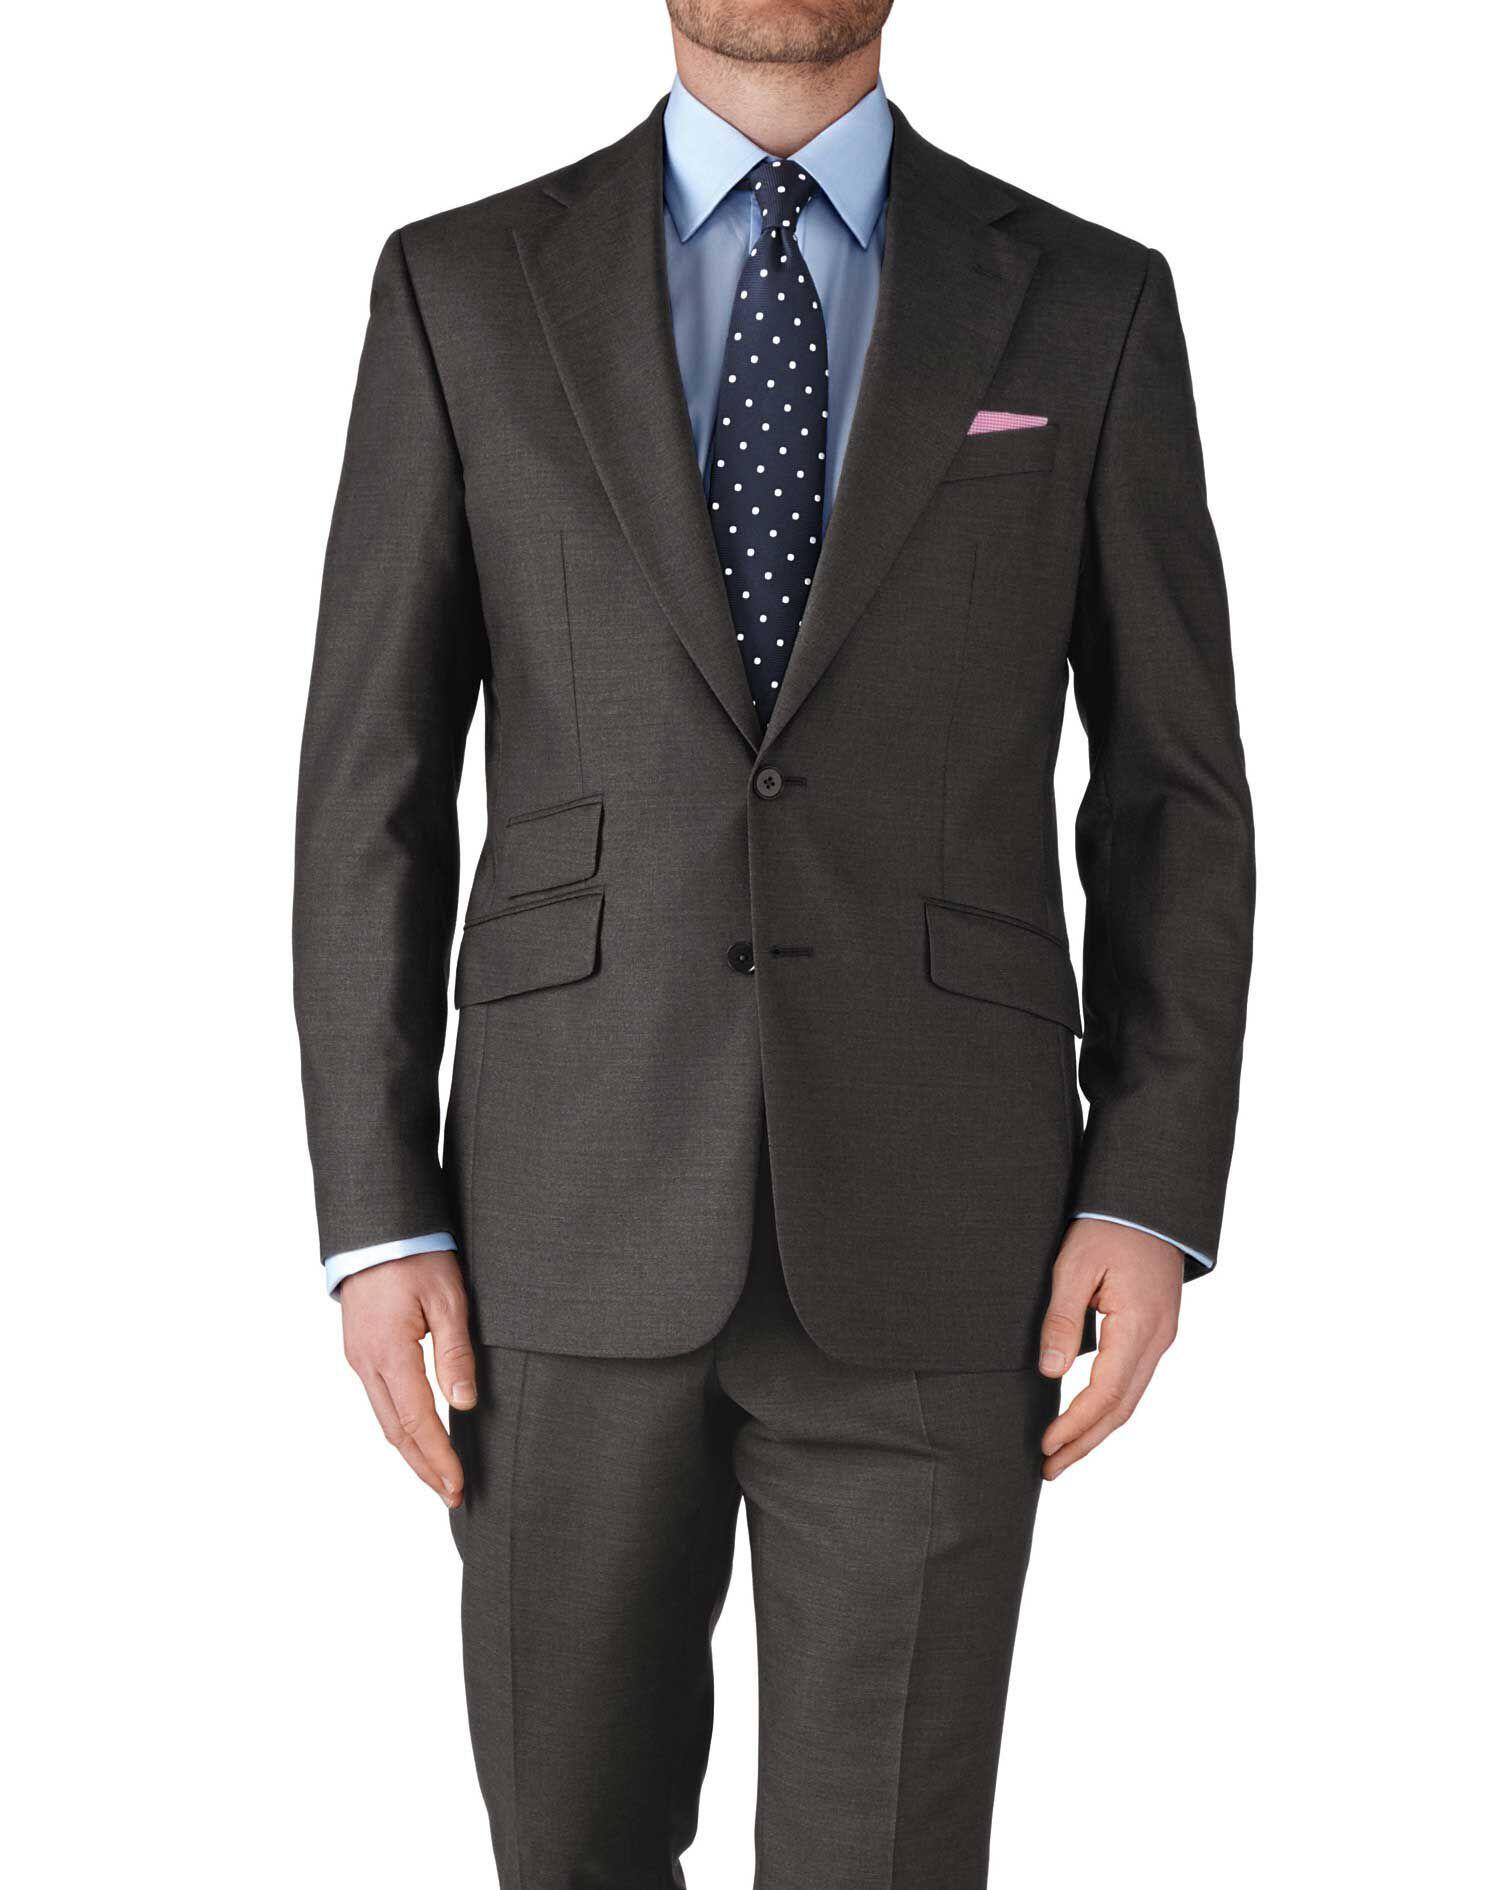 Dark Grey Slim Fit Basketweave Business Suit Wool Jacket Size 46 Long by Charles Tyrwhitt